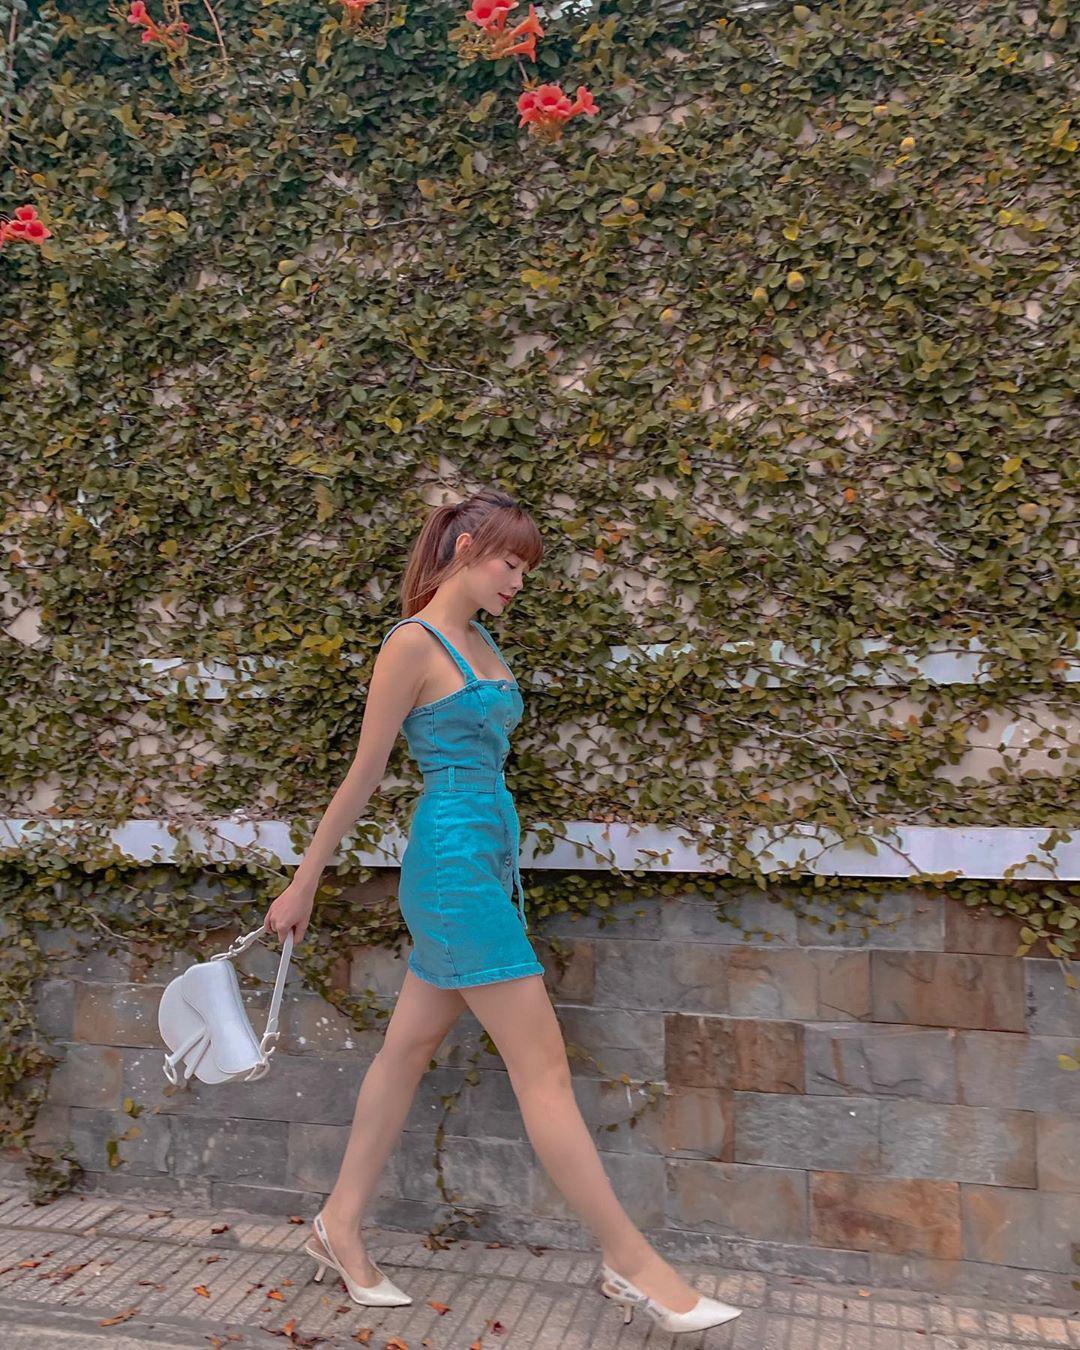 Minh Hằng và Lan Ngọc đều hack tuổi thần sầu nhờ váy denim, muốn mặc đẹp như họ nhưng không 'cưa sừng làm nghé' thì bạn hãy nhớ vài tips Ảnh 3